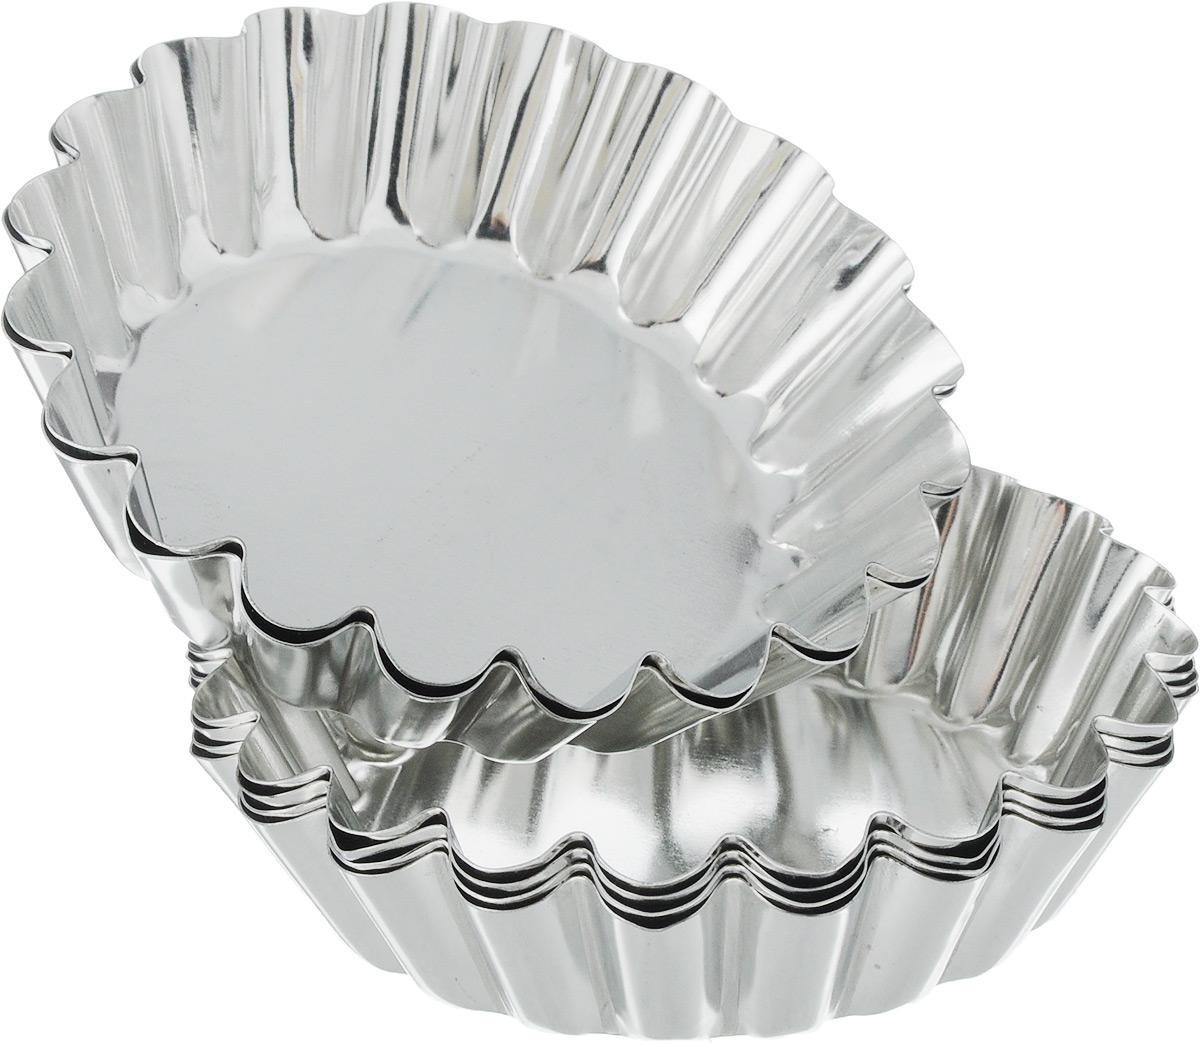 Набор формочек для кексов SNB, диаметр 9 см, 6 шт68/5/4Набор SNB включает 6 формочек для кексов, выполненных из луженой жести. Изделия обладают превосходными антипригарными свойствами и не содержат в составе вредных веществ. Металлические стенки быстро распределяют тепло, поэтому выпечка пропекается равномерно. Форма изделий с рифлеными стенками идеальна для приготовления кексов. Формы пригодны для духовки. Не подходят для использования в микроволновой печи и посудомоечной машине.Диаметр формы: 9 см.